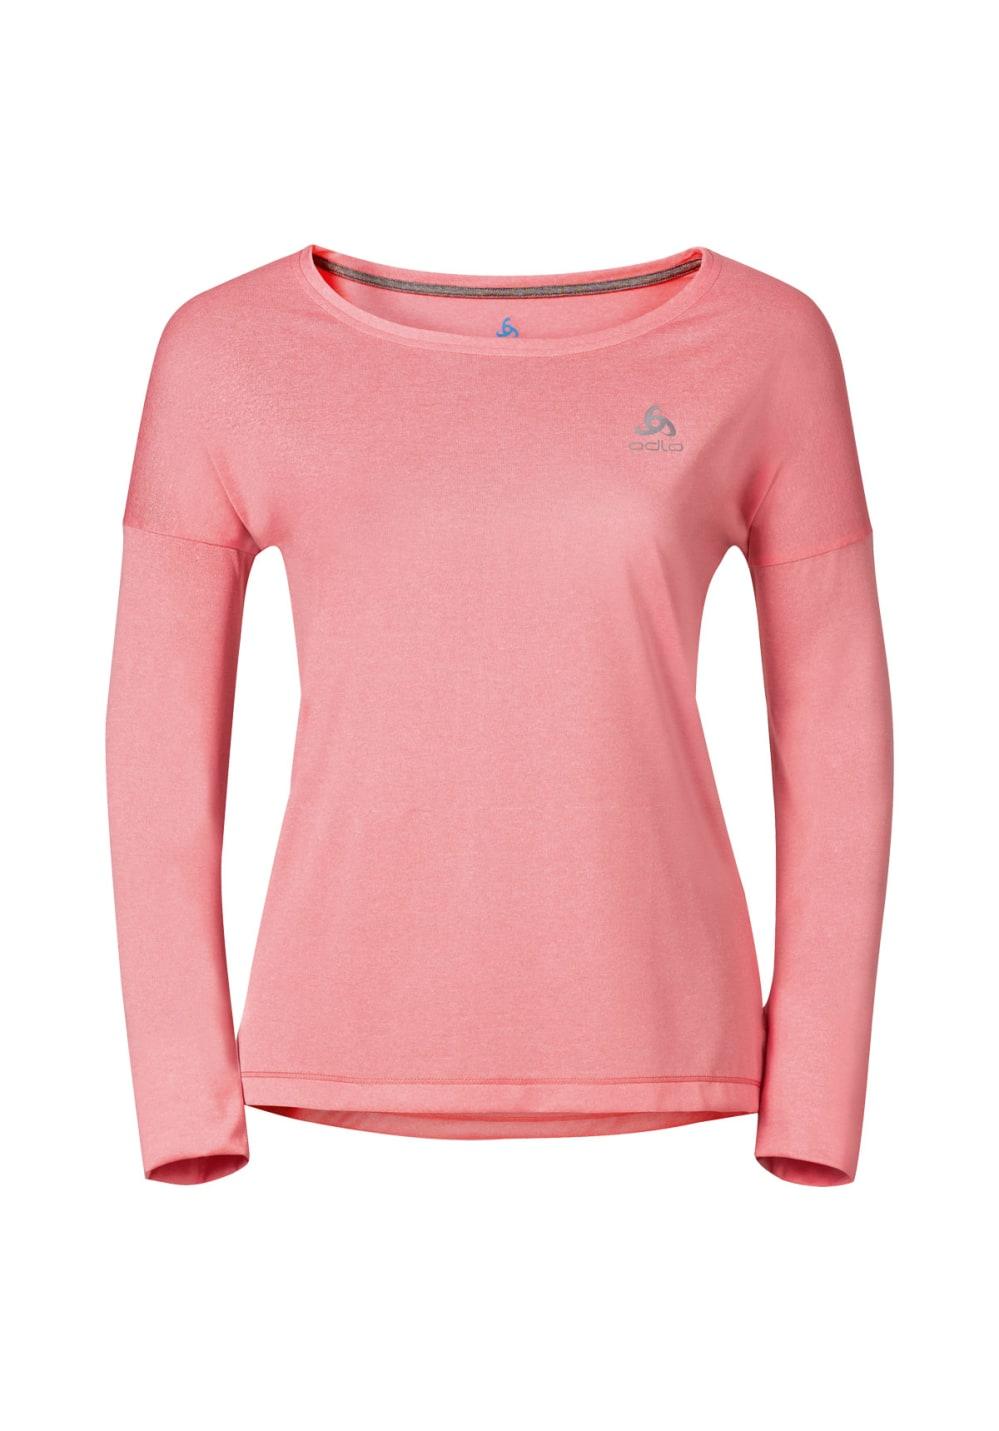 Odlo T-Shirt Long Sleeve Tebe - Laufshirts für Damen - Pink, Gr. S